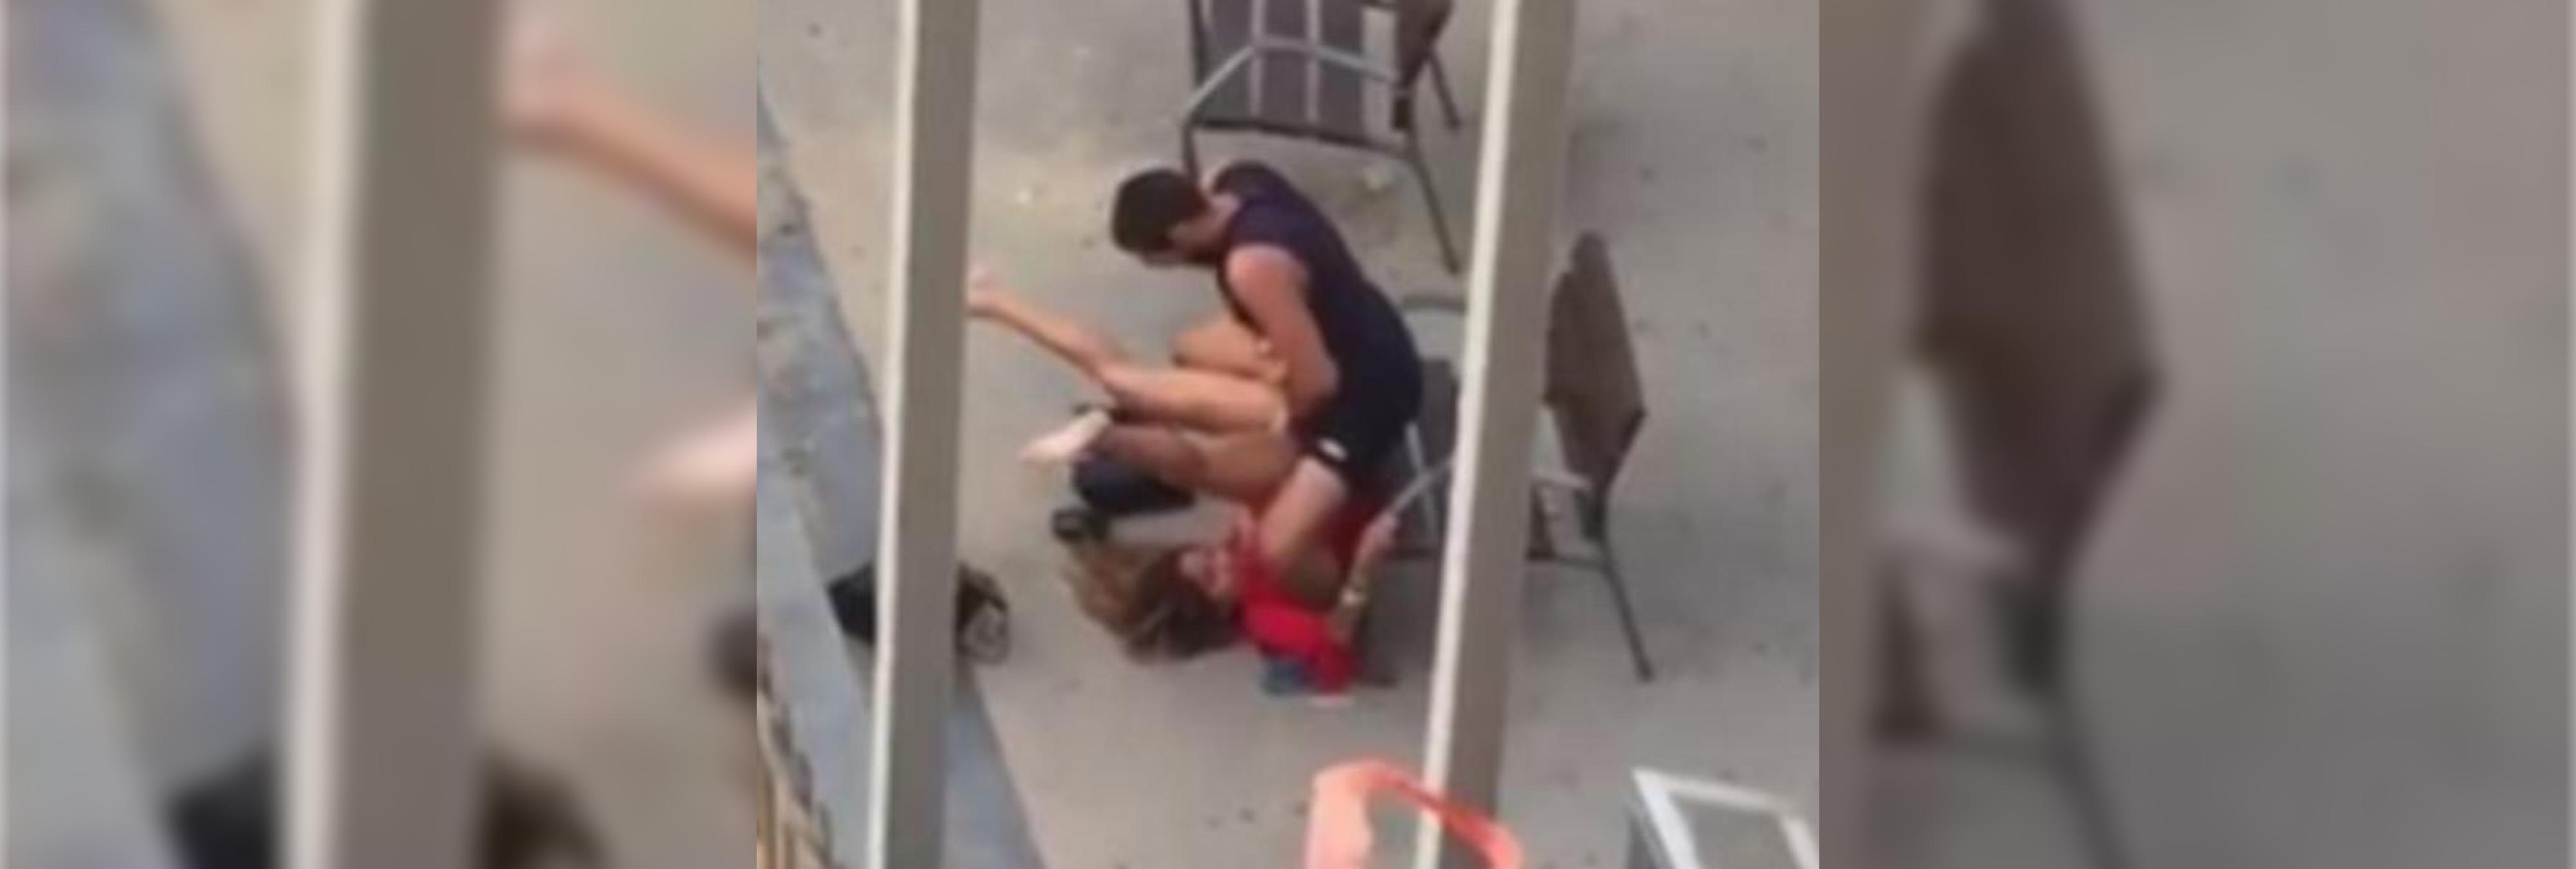 Una pareja es grabada practicando sexo a plena luz del día en la Barceloneta